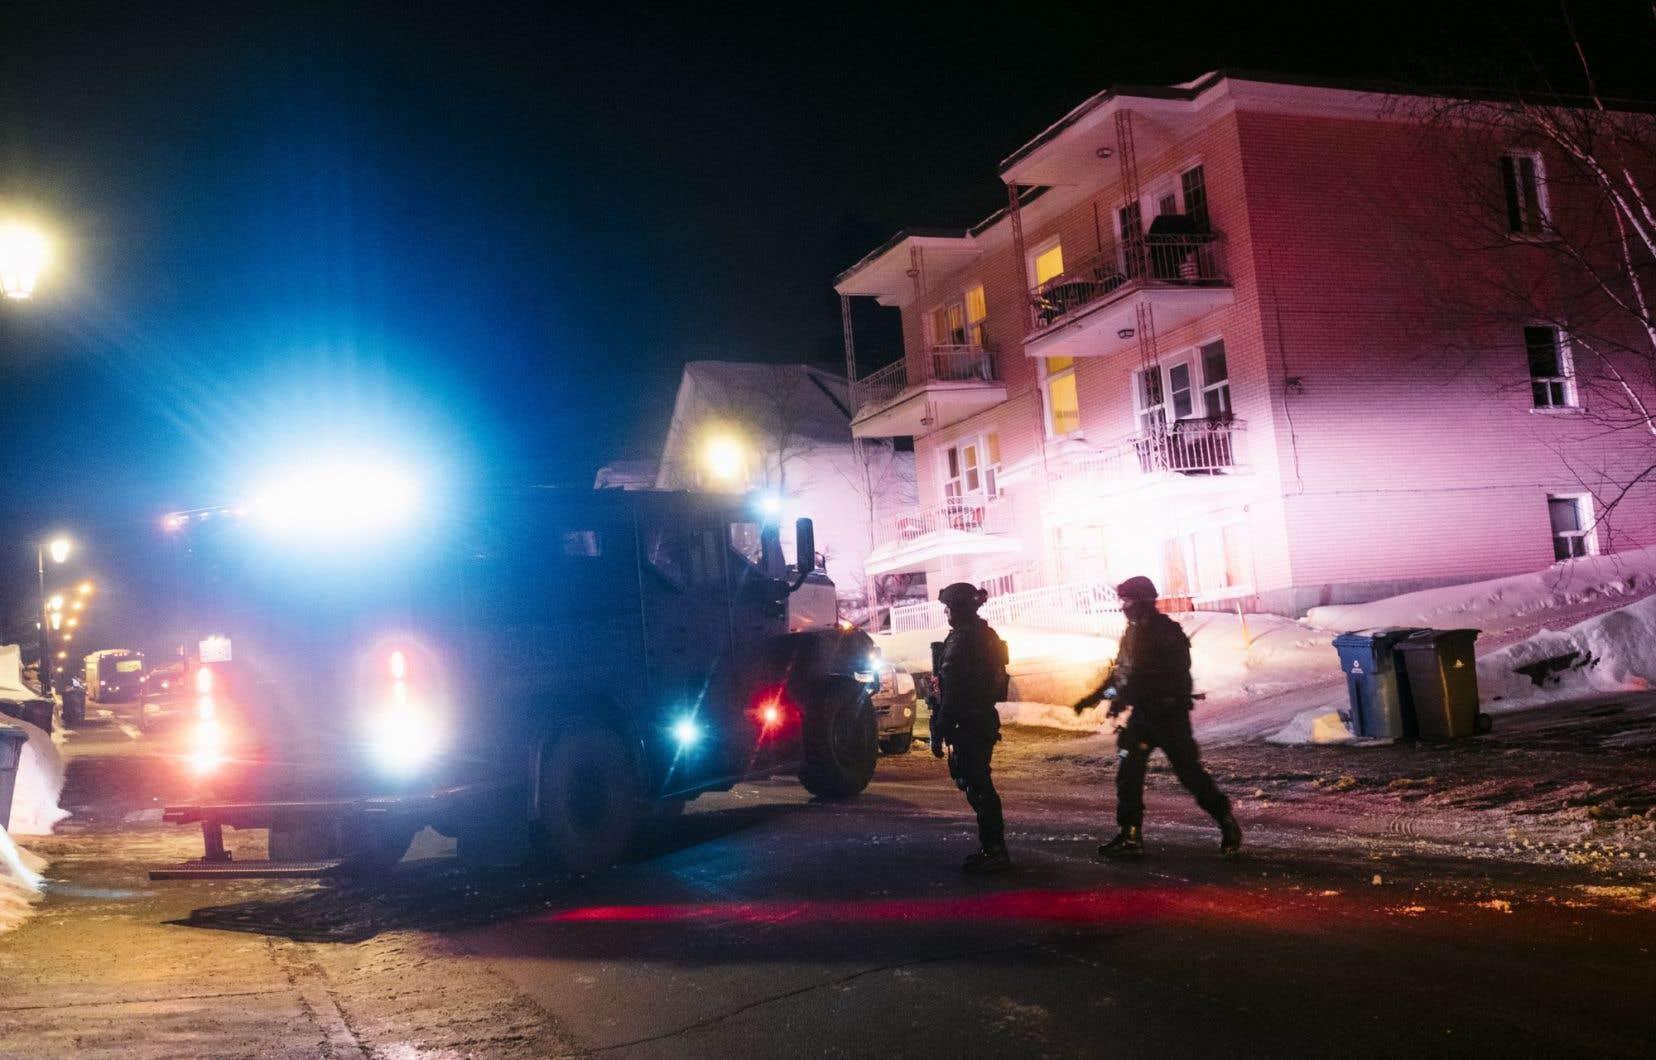 Les policiers avaient reçu un premier appel vers 19 h 55, dimanche soir, faisant état de coups de feu entendus au Centre culturel islamique de Québec, qui est également connu sous le nom de grande mosquée de Québec.